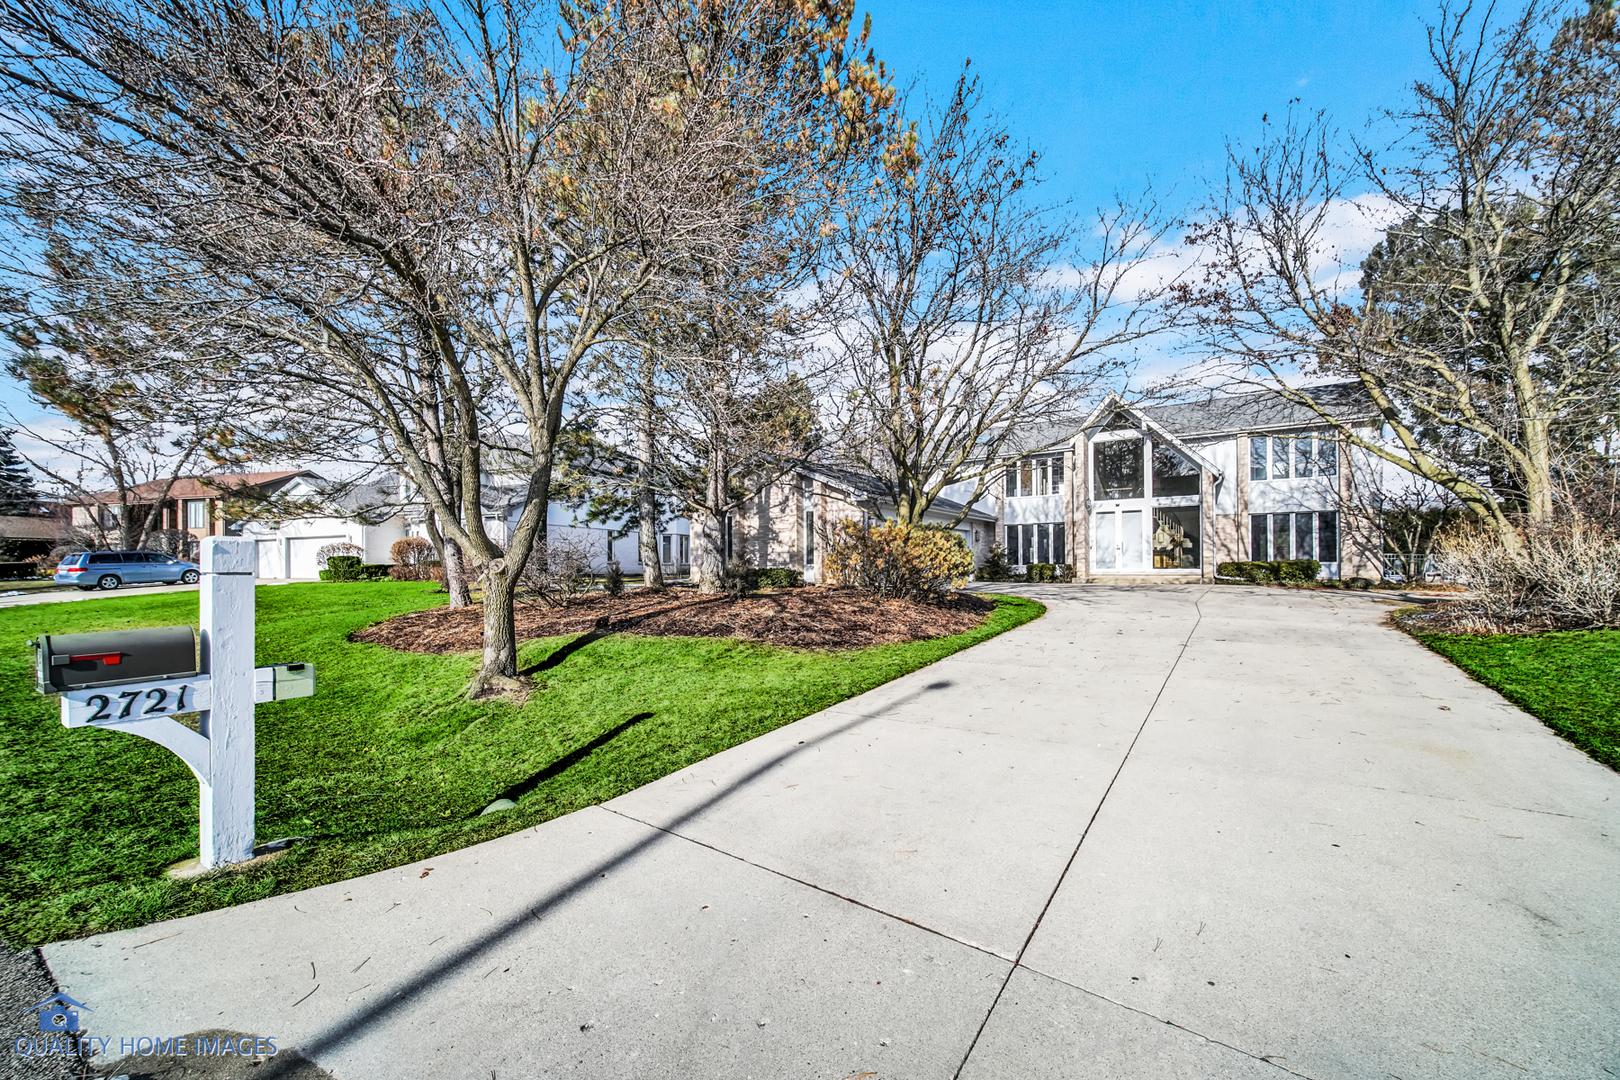 2721 Acacia Terrace, Buffalo Grove, IL 60089